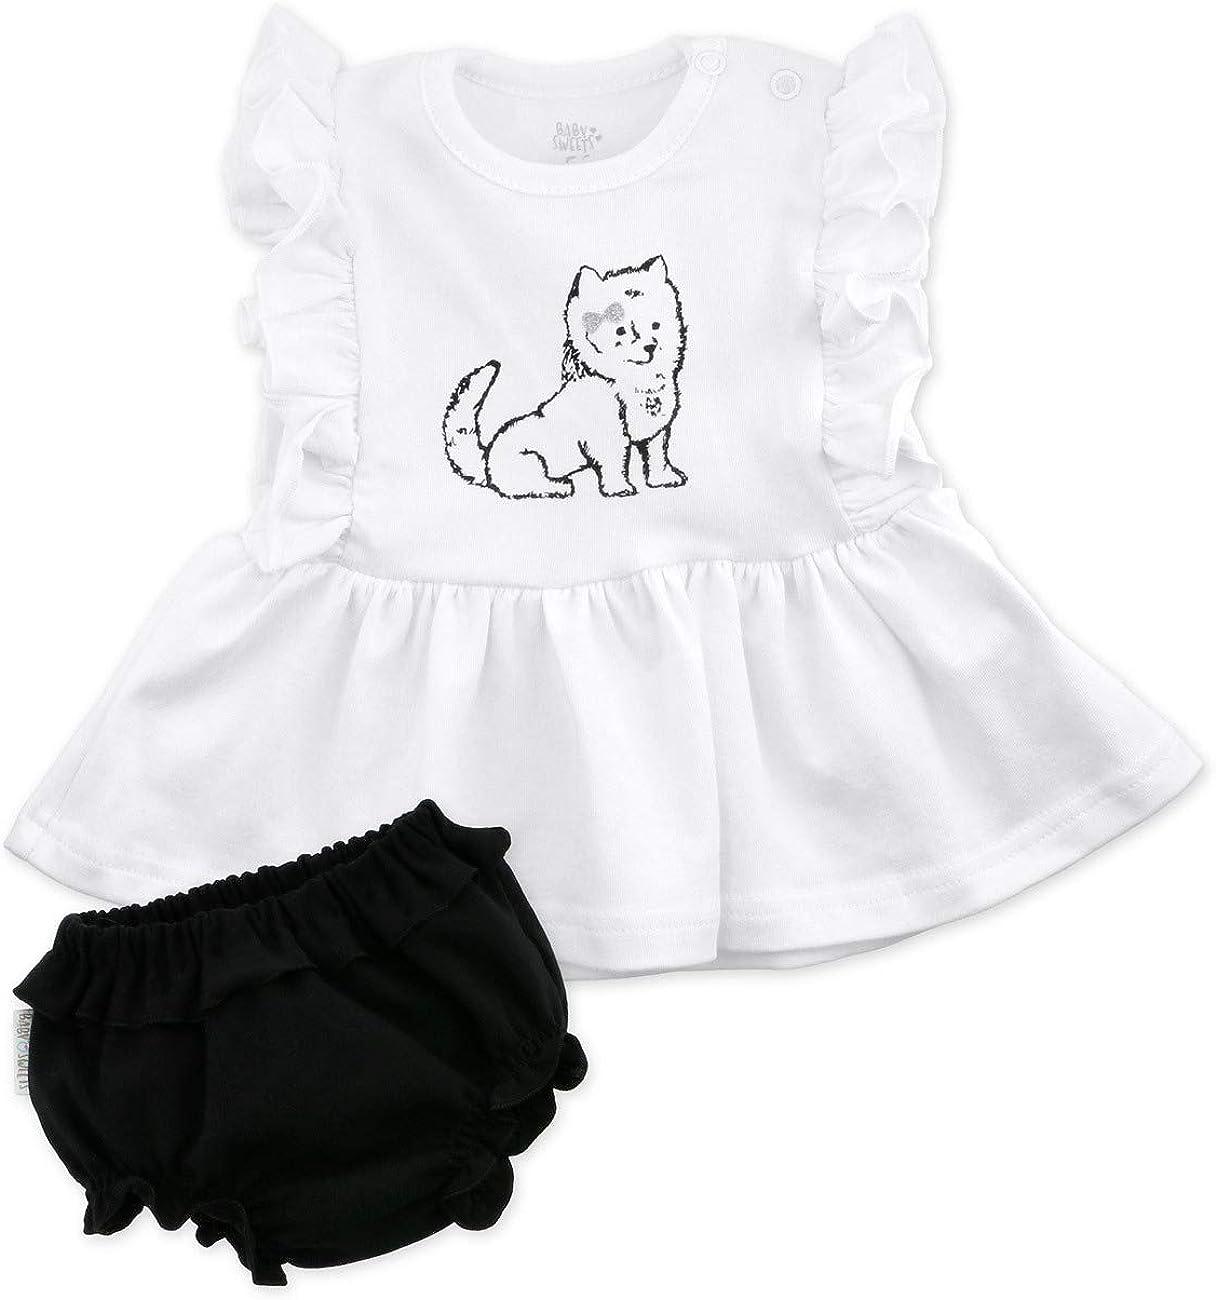 Grau Baby Sweets Baby M/ädchen Kleider in Rosa Blau Wei/ß und Schwarz f/ür Neugeborene und Kleinkinder//Kinder-Kleider und Babykleidung f/ür M/ädchen in verschiedenen Gr/ö/ßen